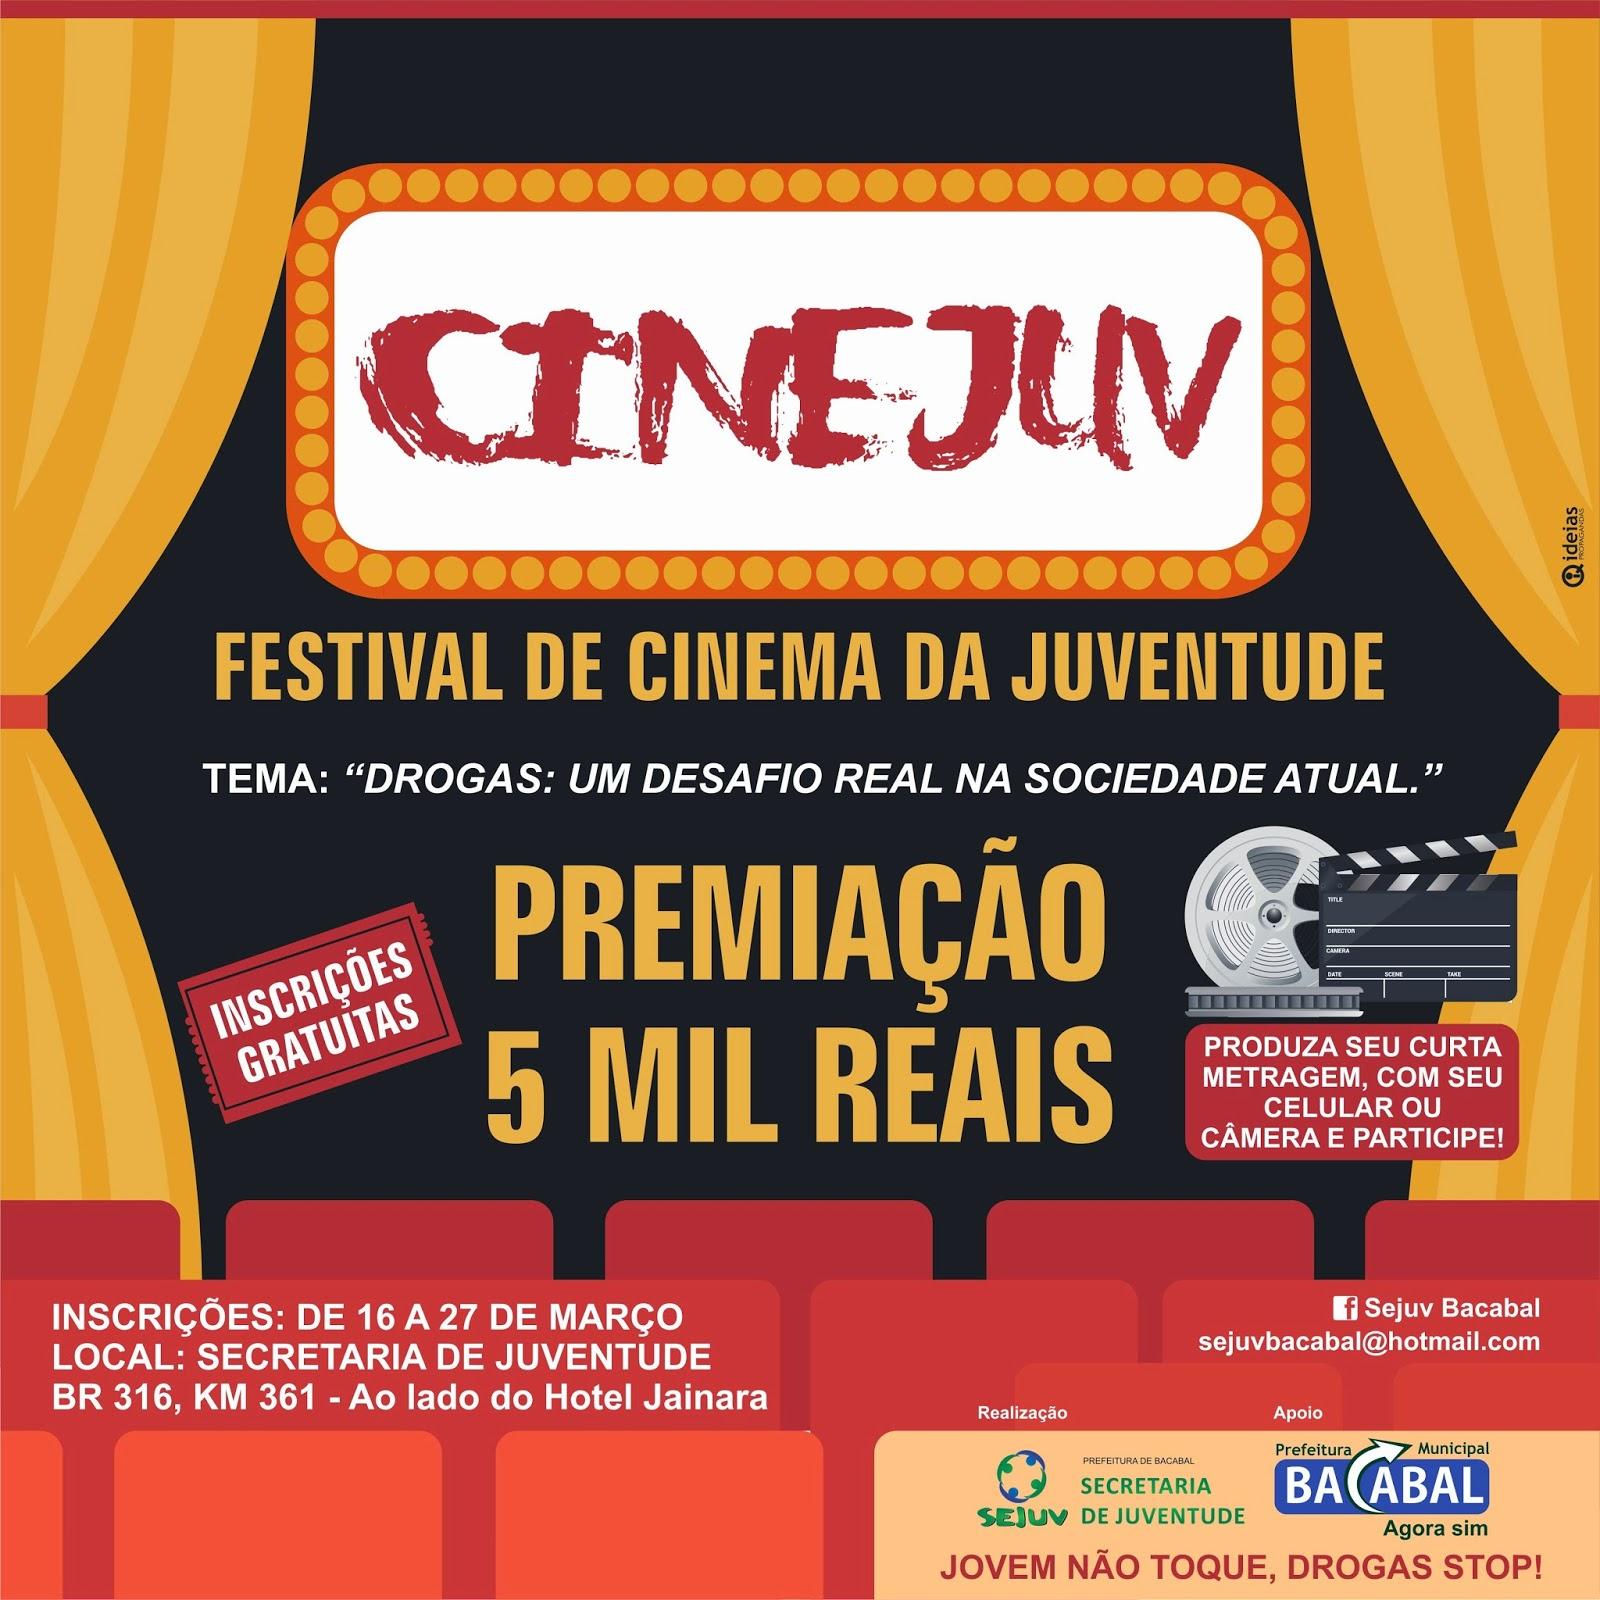 CINEJUV Bacabal 2015 - Festival de Cinema da Juventude